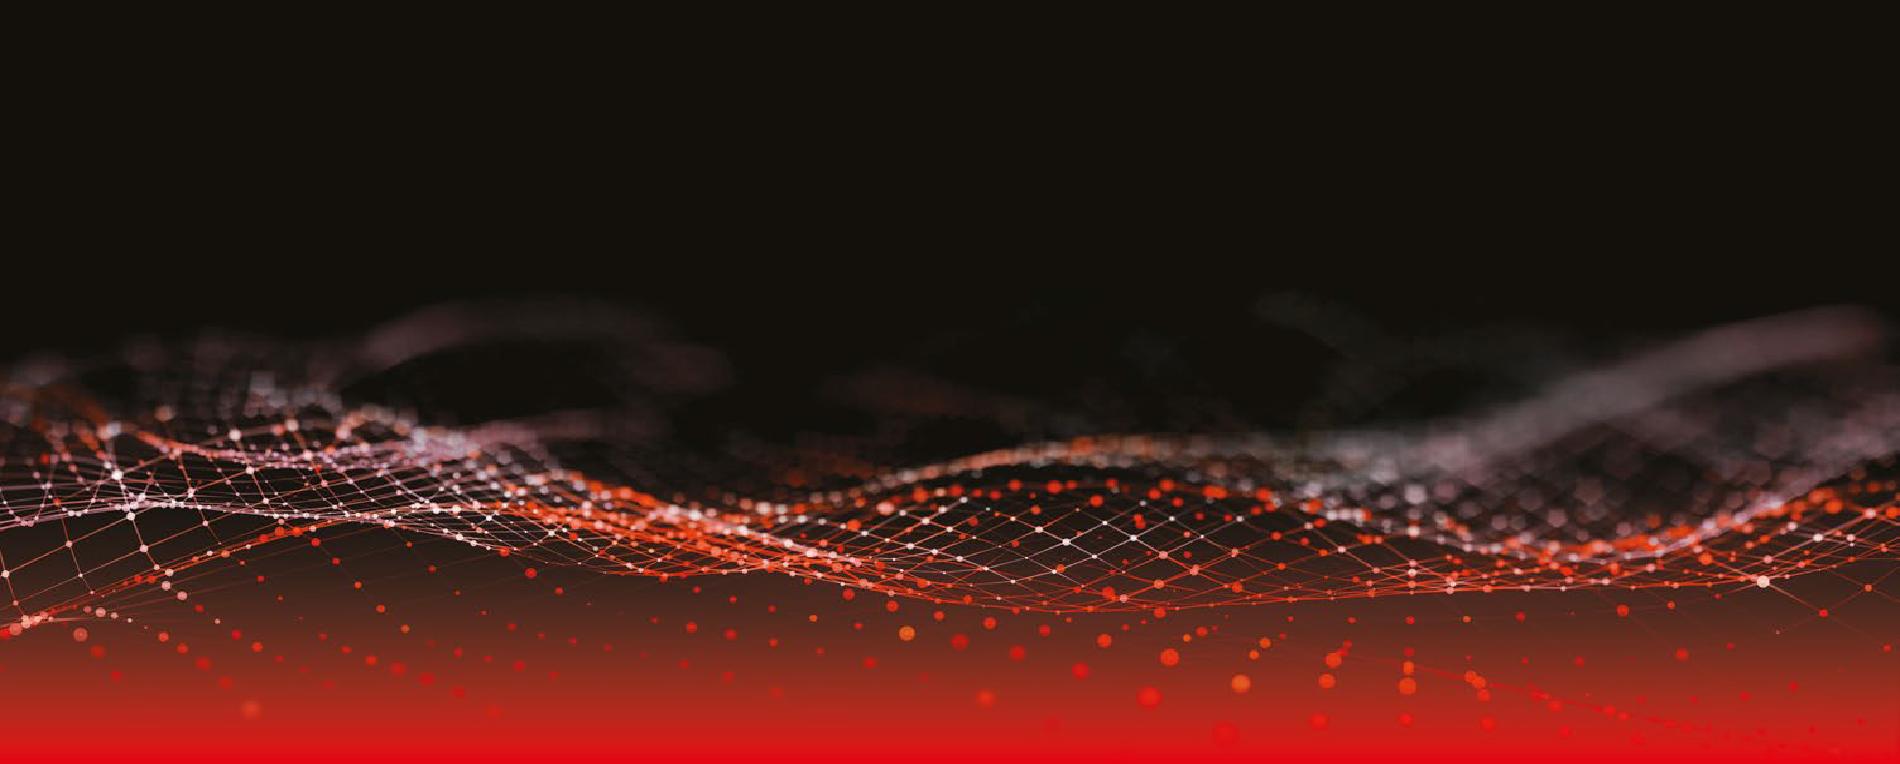 Forini logo background